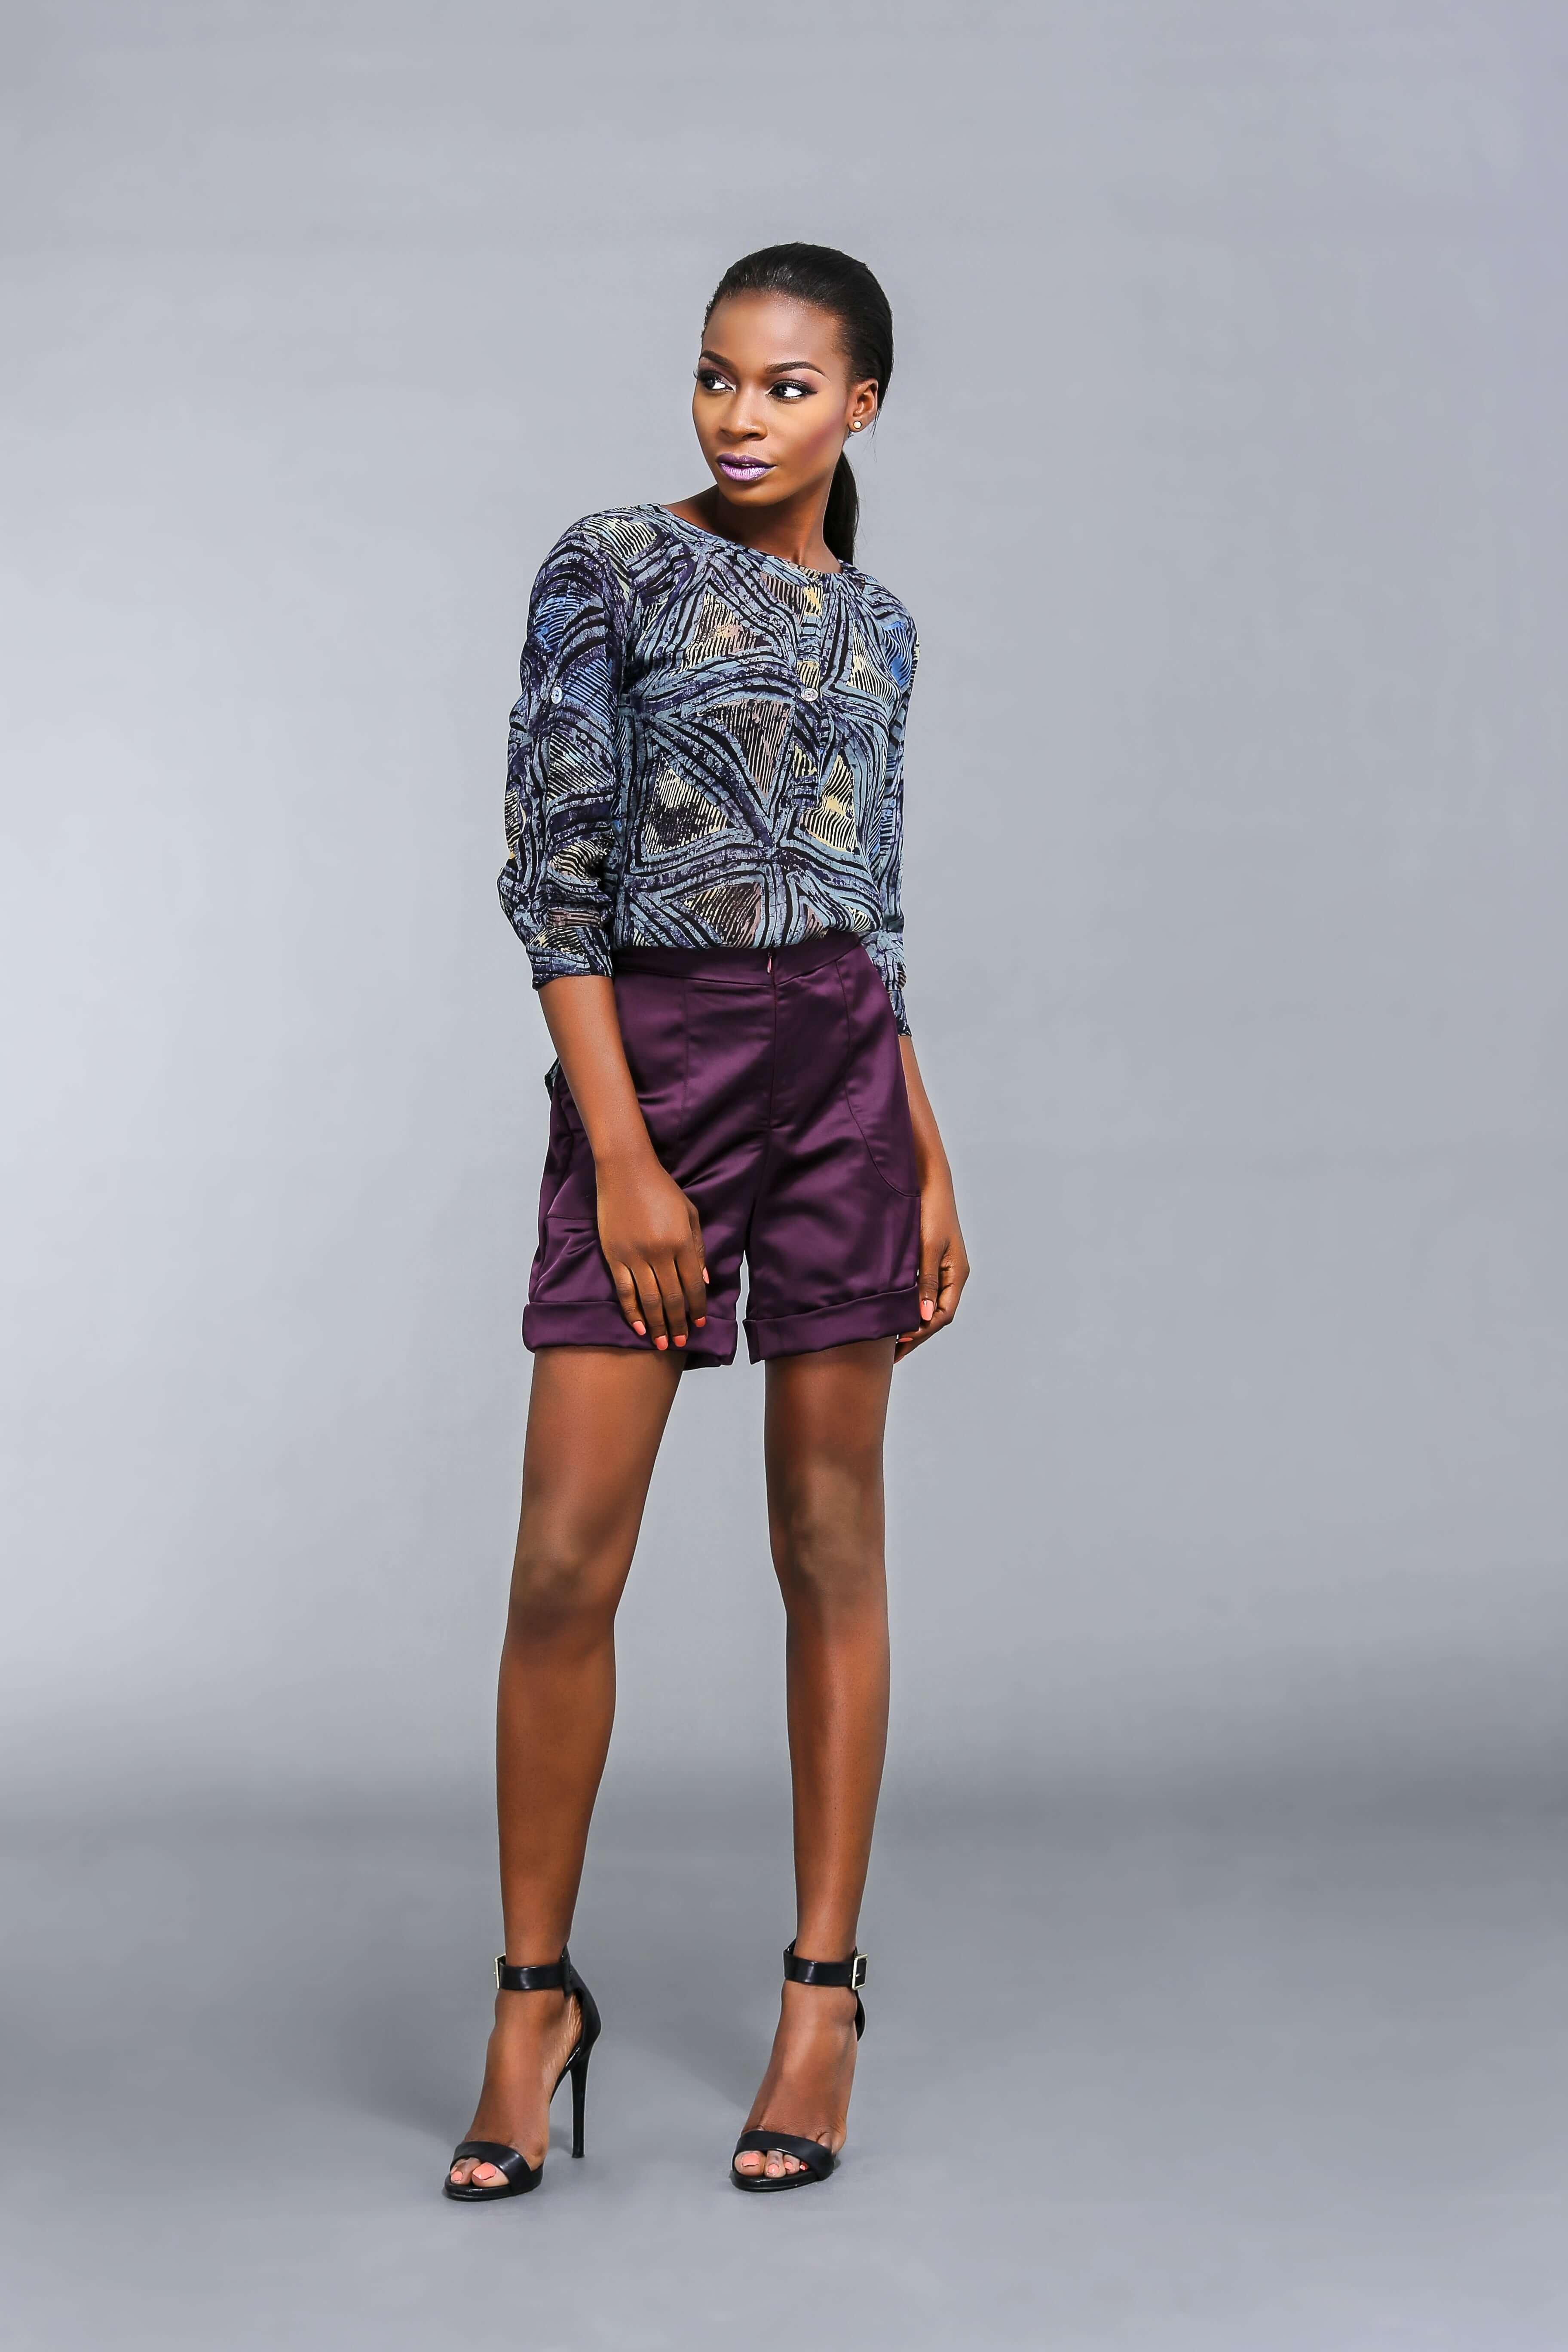 robe africaine moonlook SS15a8-min